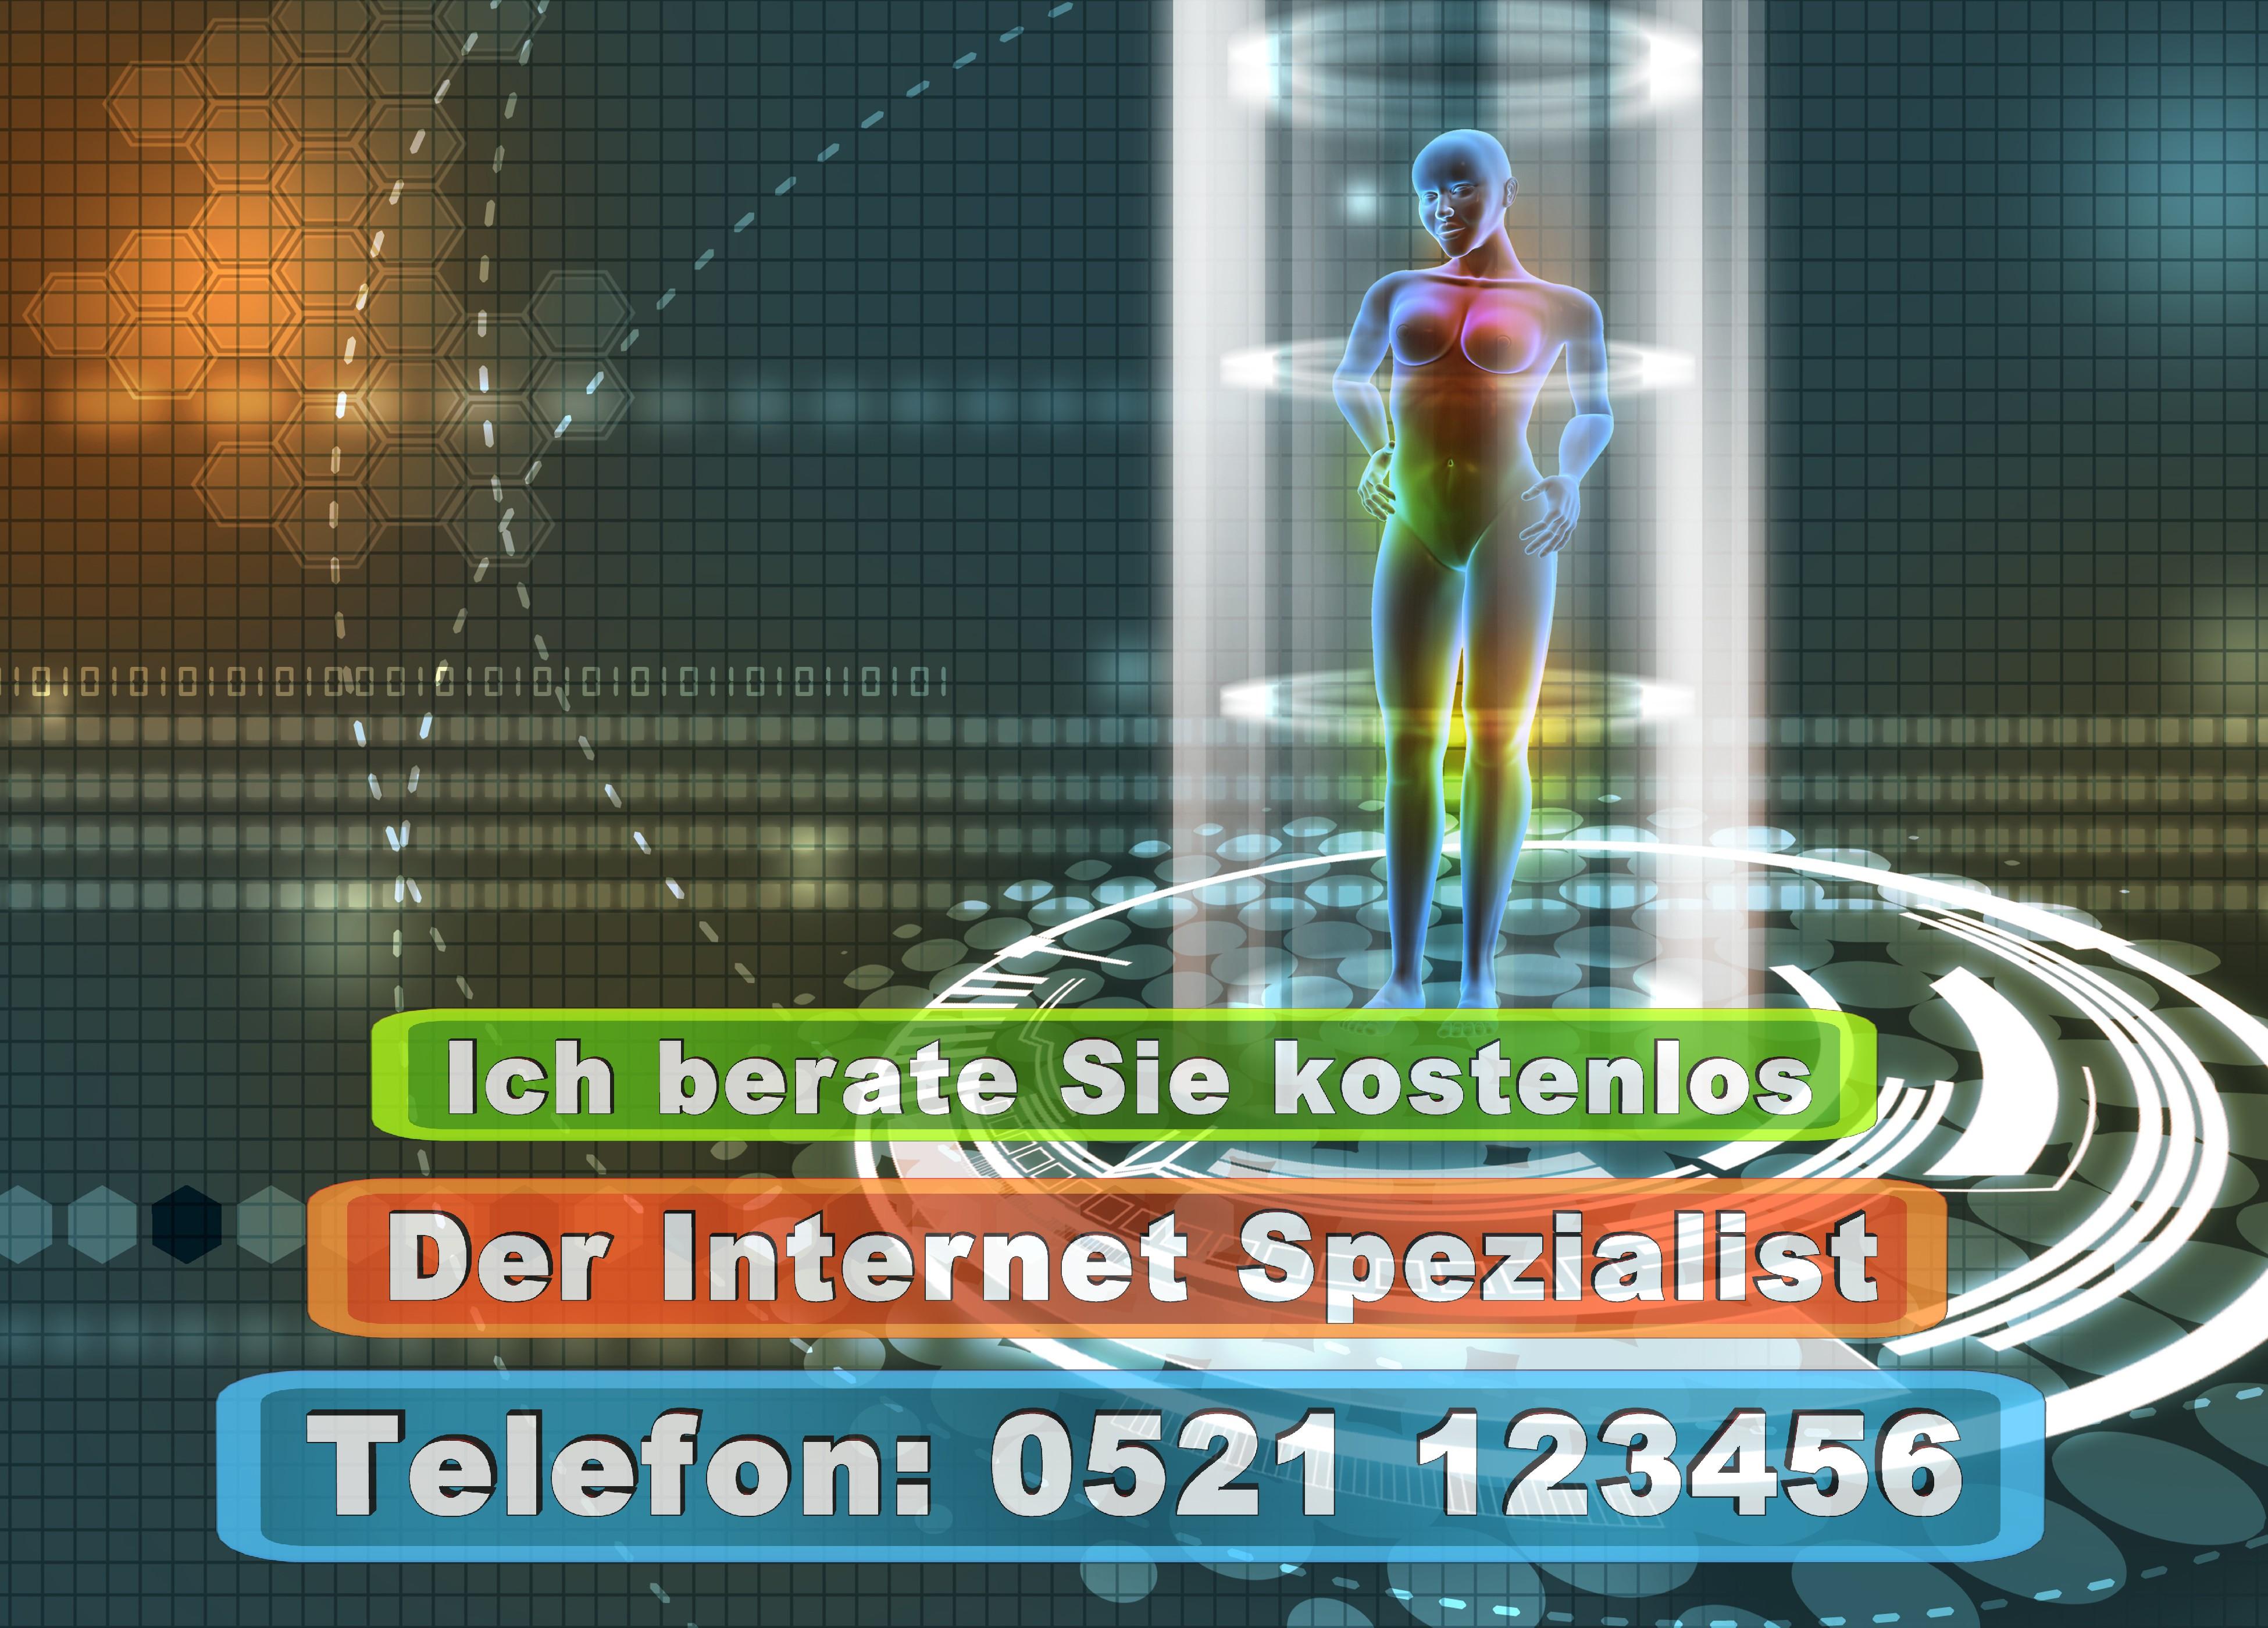 Werbeagentur Bielefeld Druckerei Bielefeld Prospekte Zeitung Visitenkarten Poster Werbung Print Presse Druck Fotografie Fotos Internet (51)